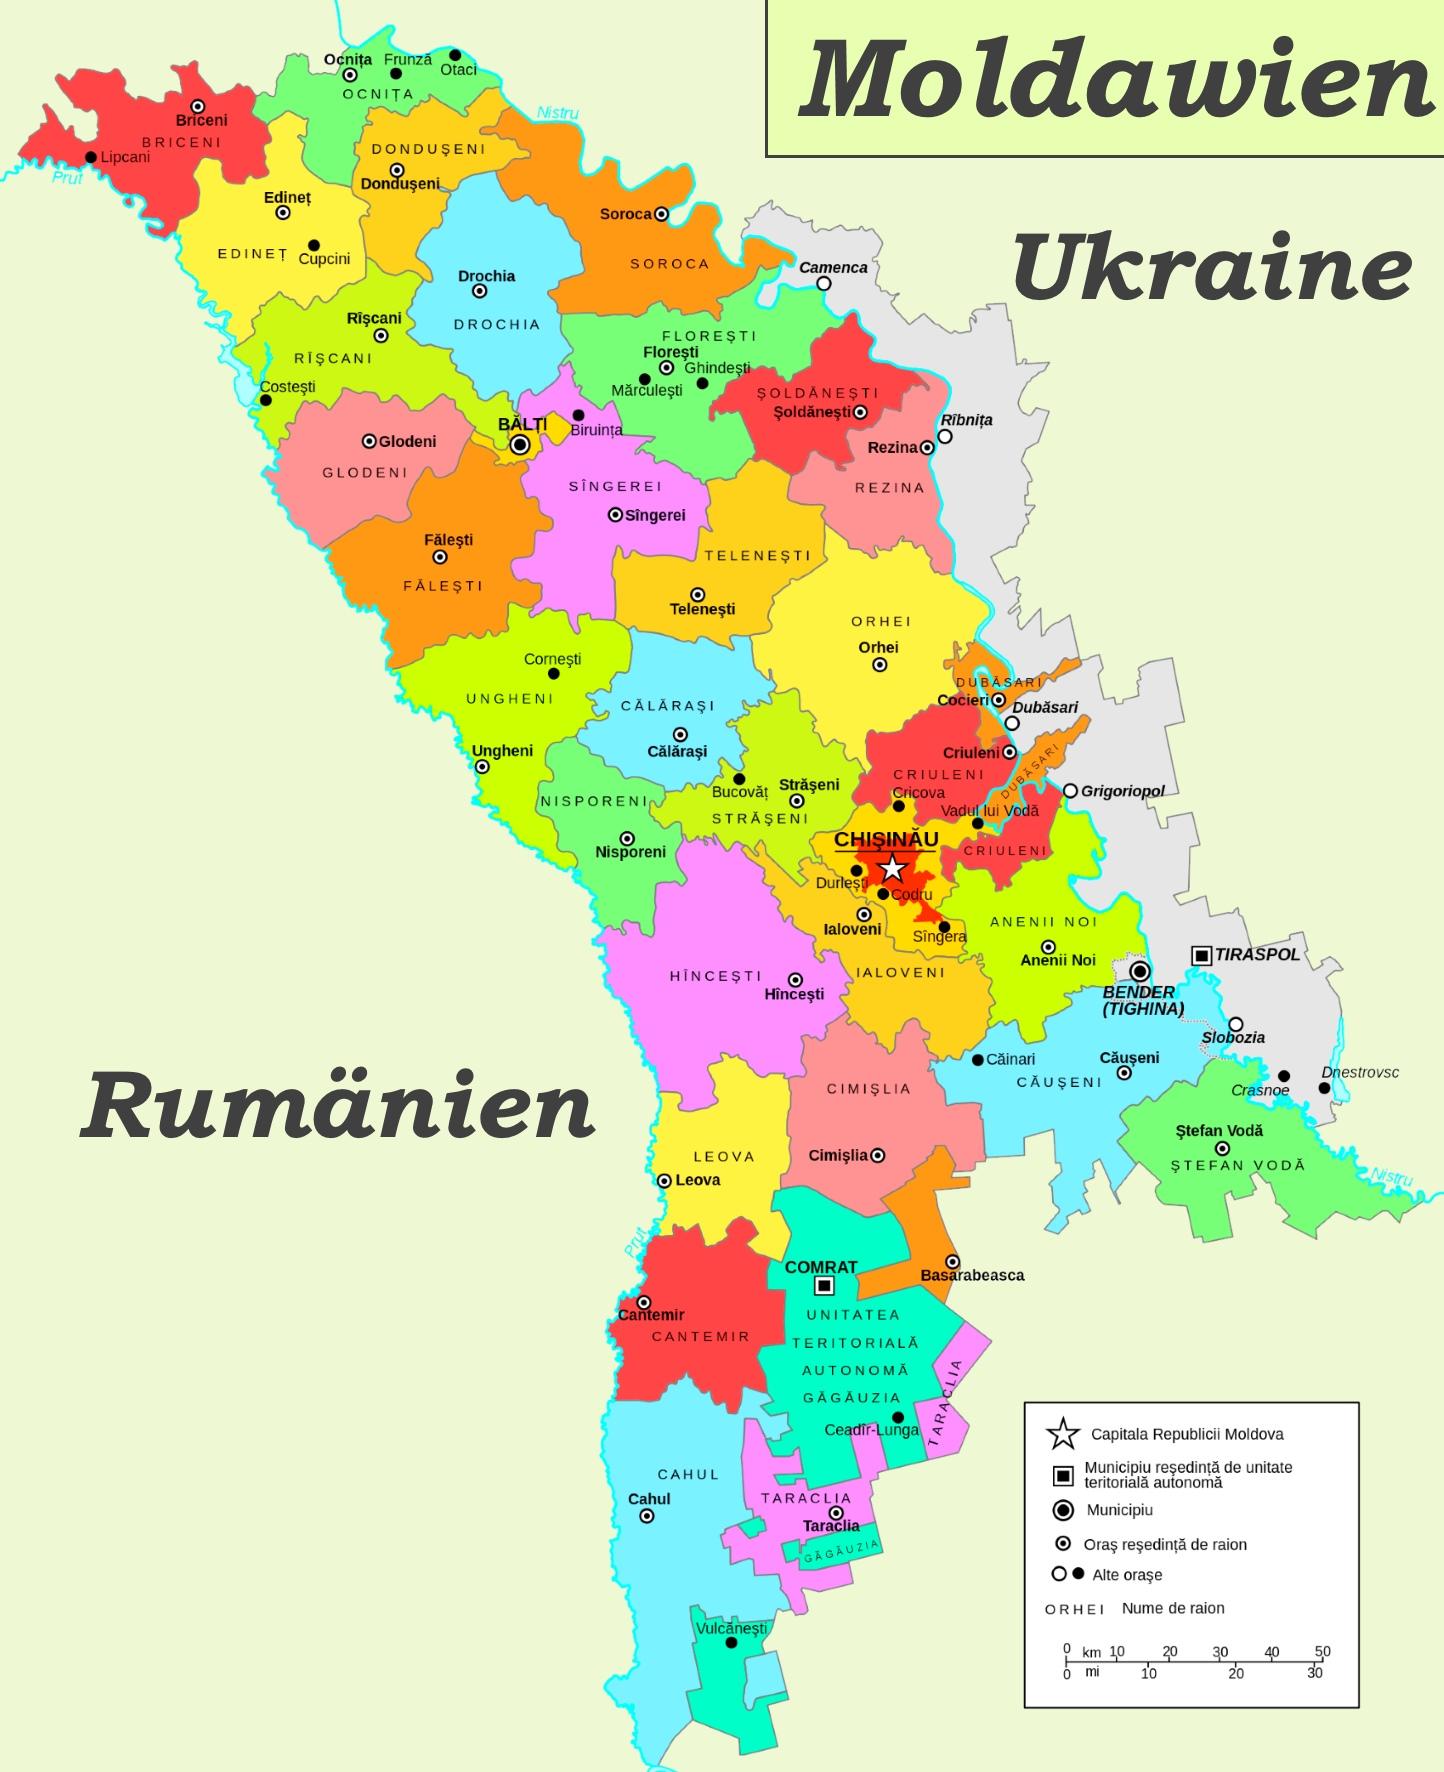 Moldawien Karte.Moldawien Politische Karte